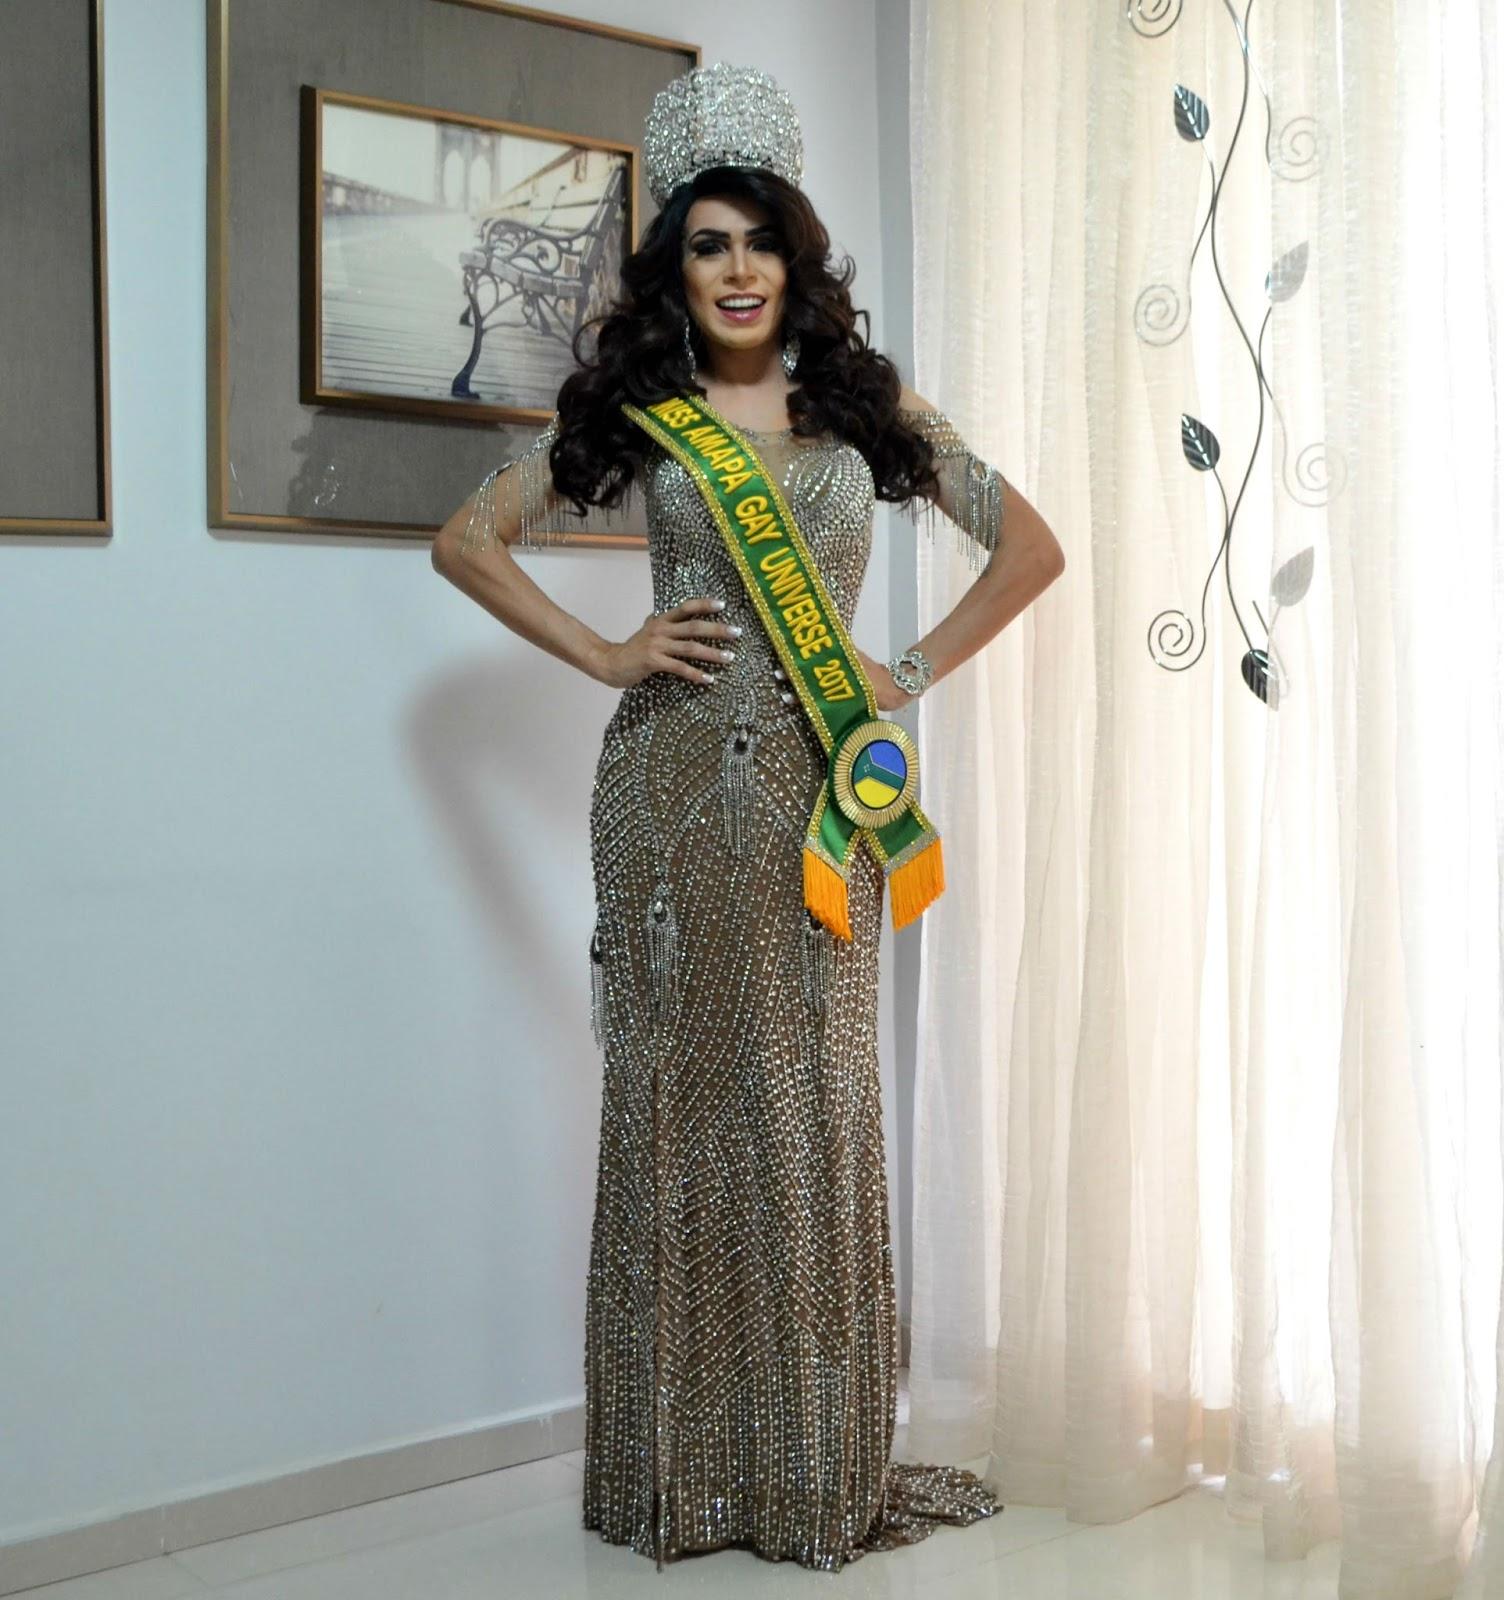 Miss Gay Amapá faz rifa para comprar peças de trajes para concurso nacional